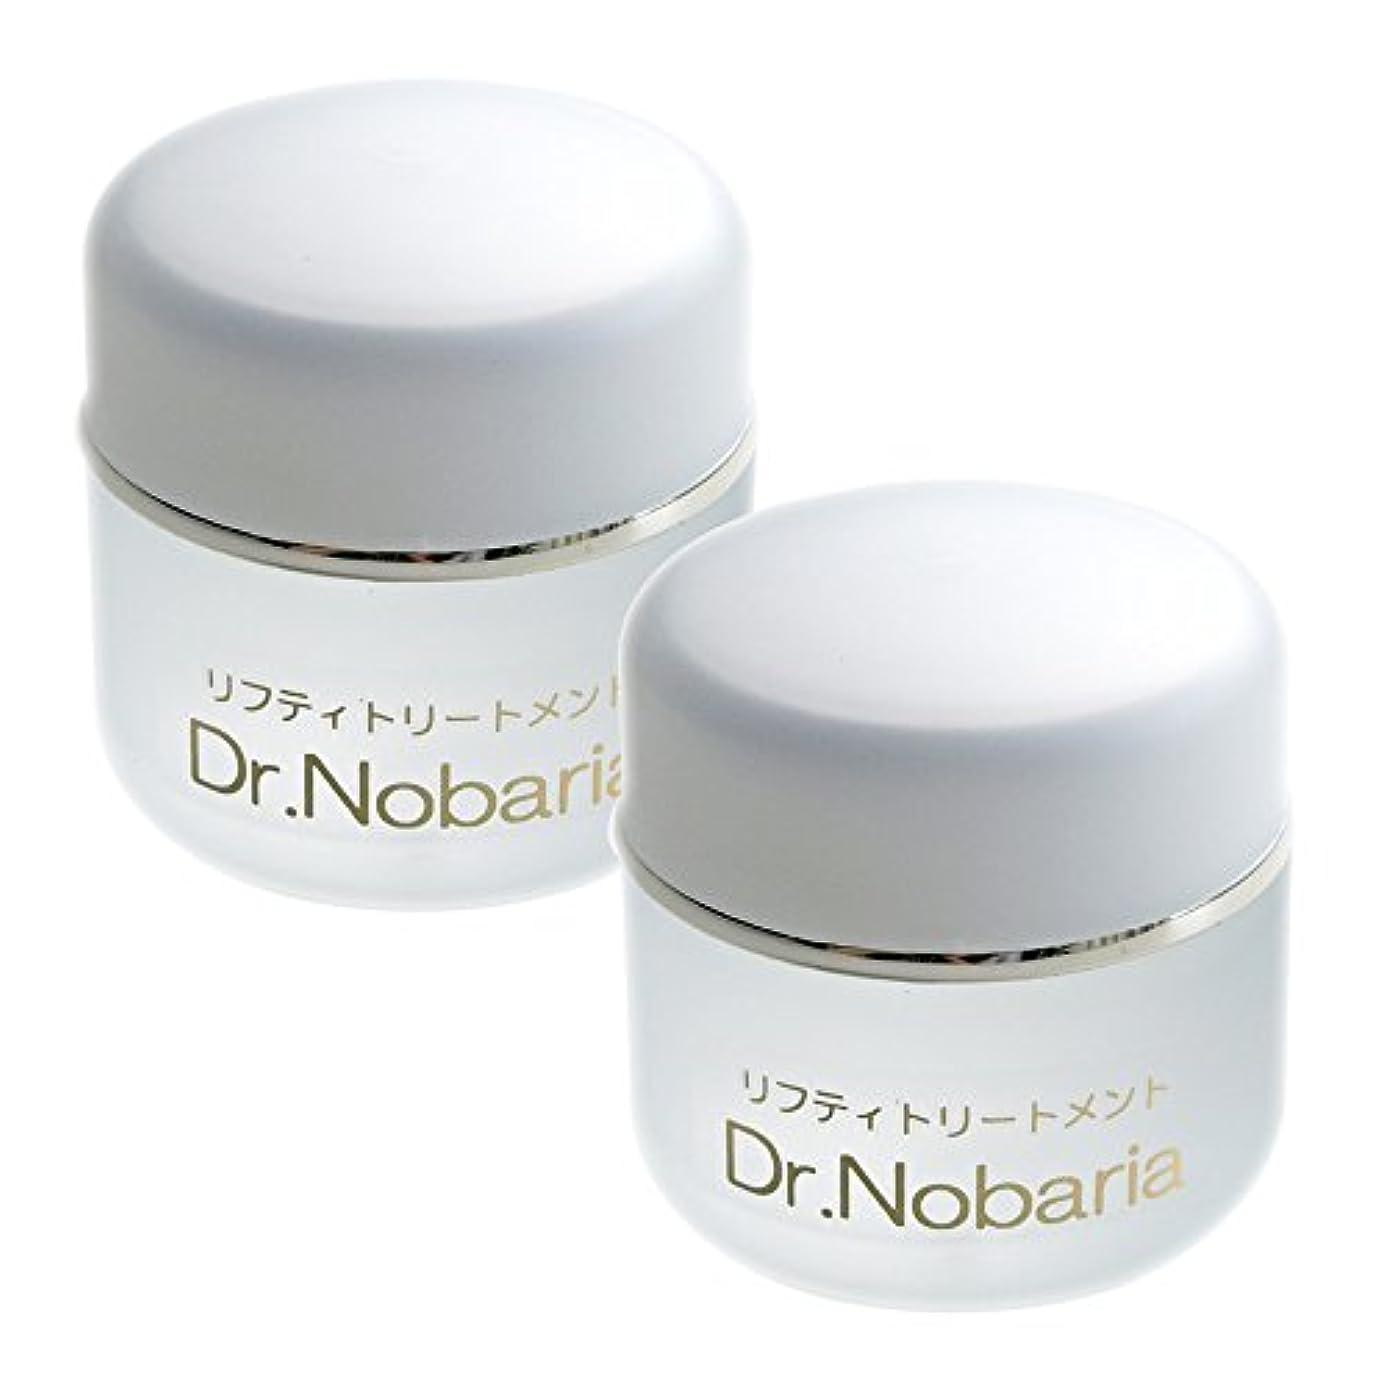 メイエラ残り物拍手Natural Pure ノバリアスキンケア ノバリアジェルクリーム 保湿 無香料 無着色 (30g×2個)